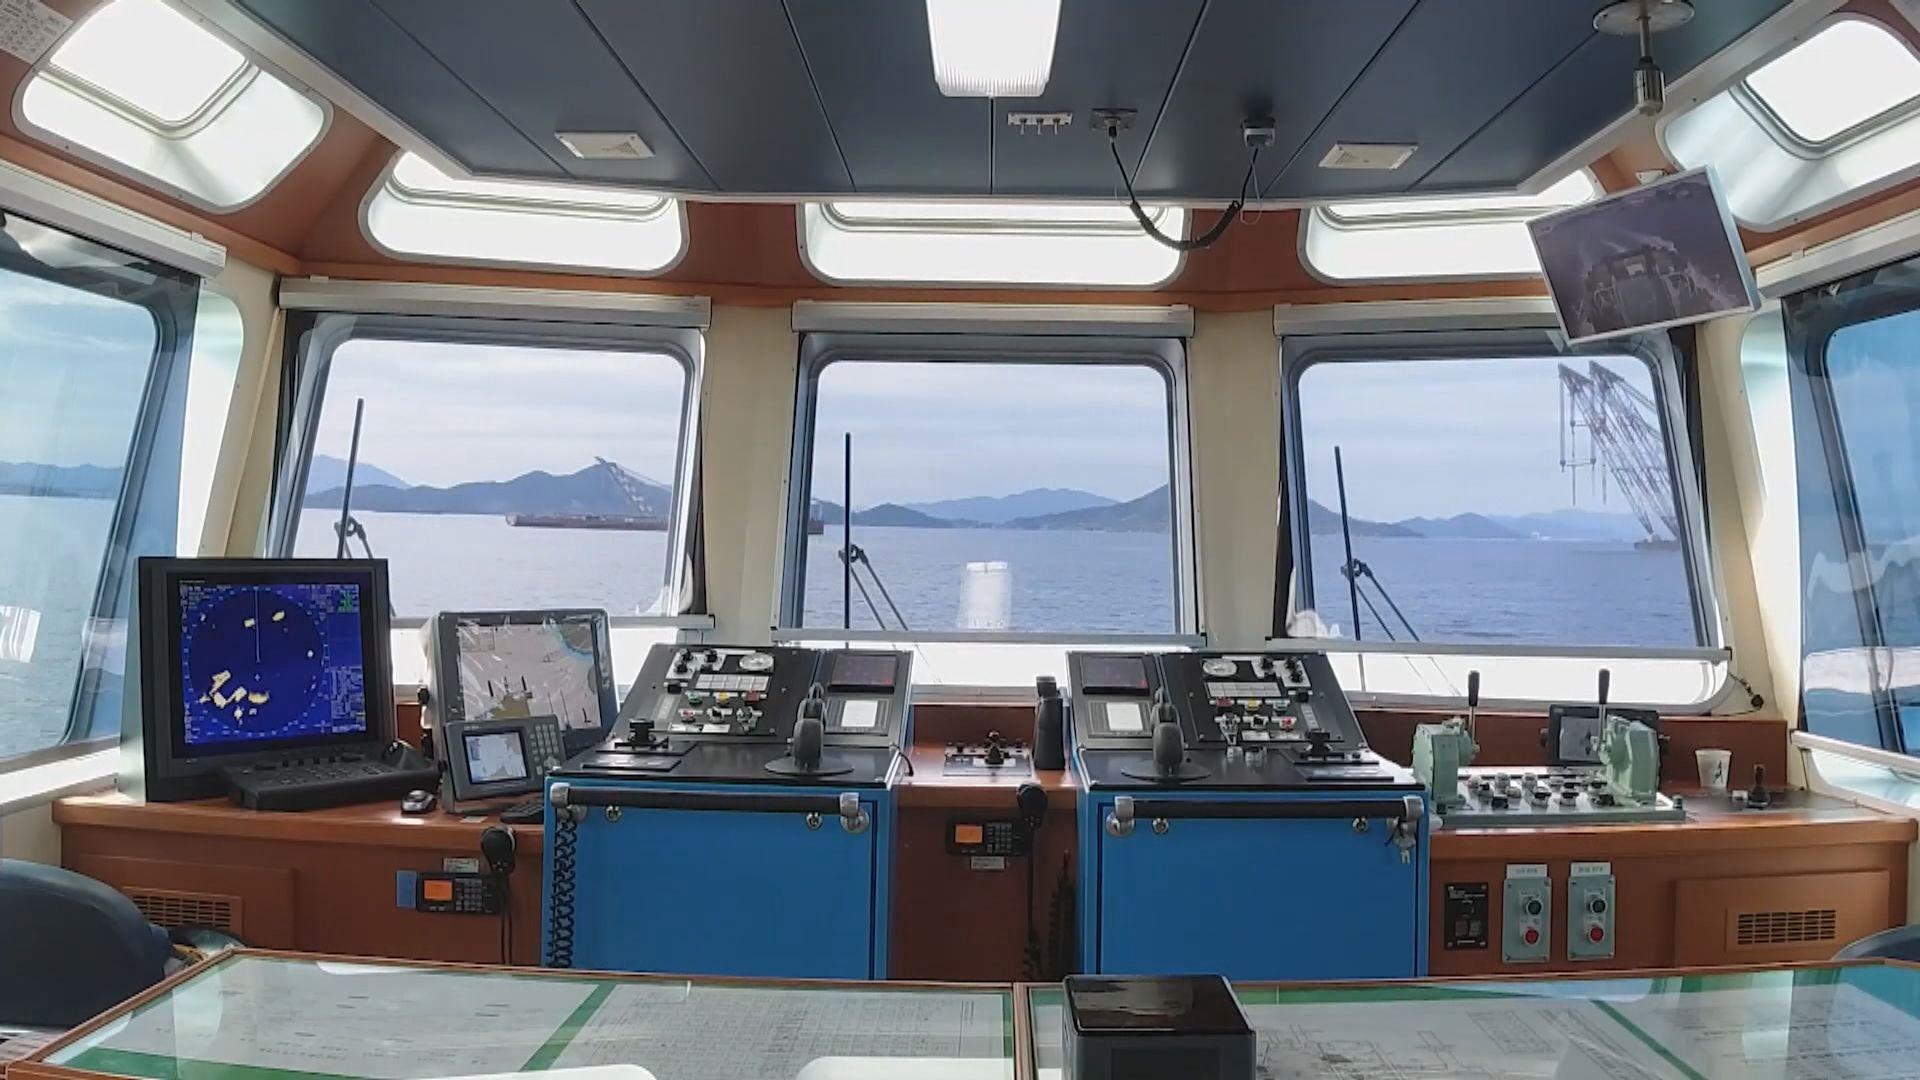 【環球薈報】三星重工業無人駕駛船隻測試成功